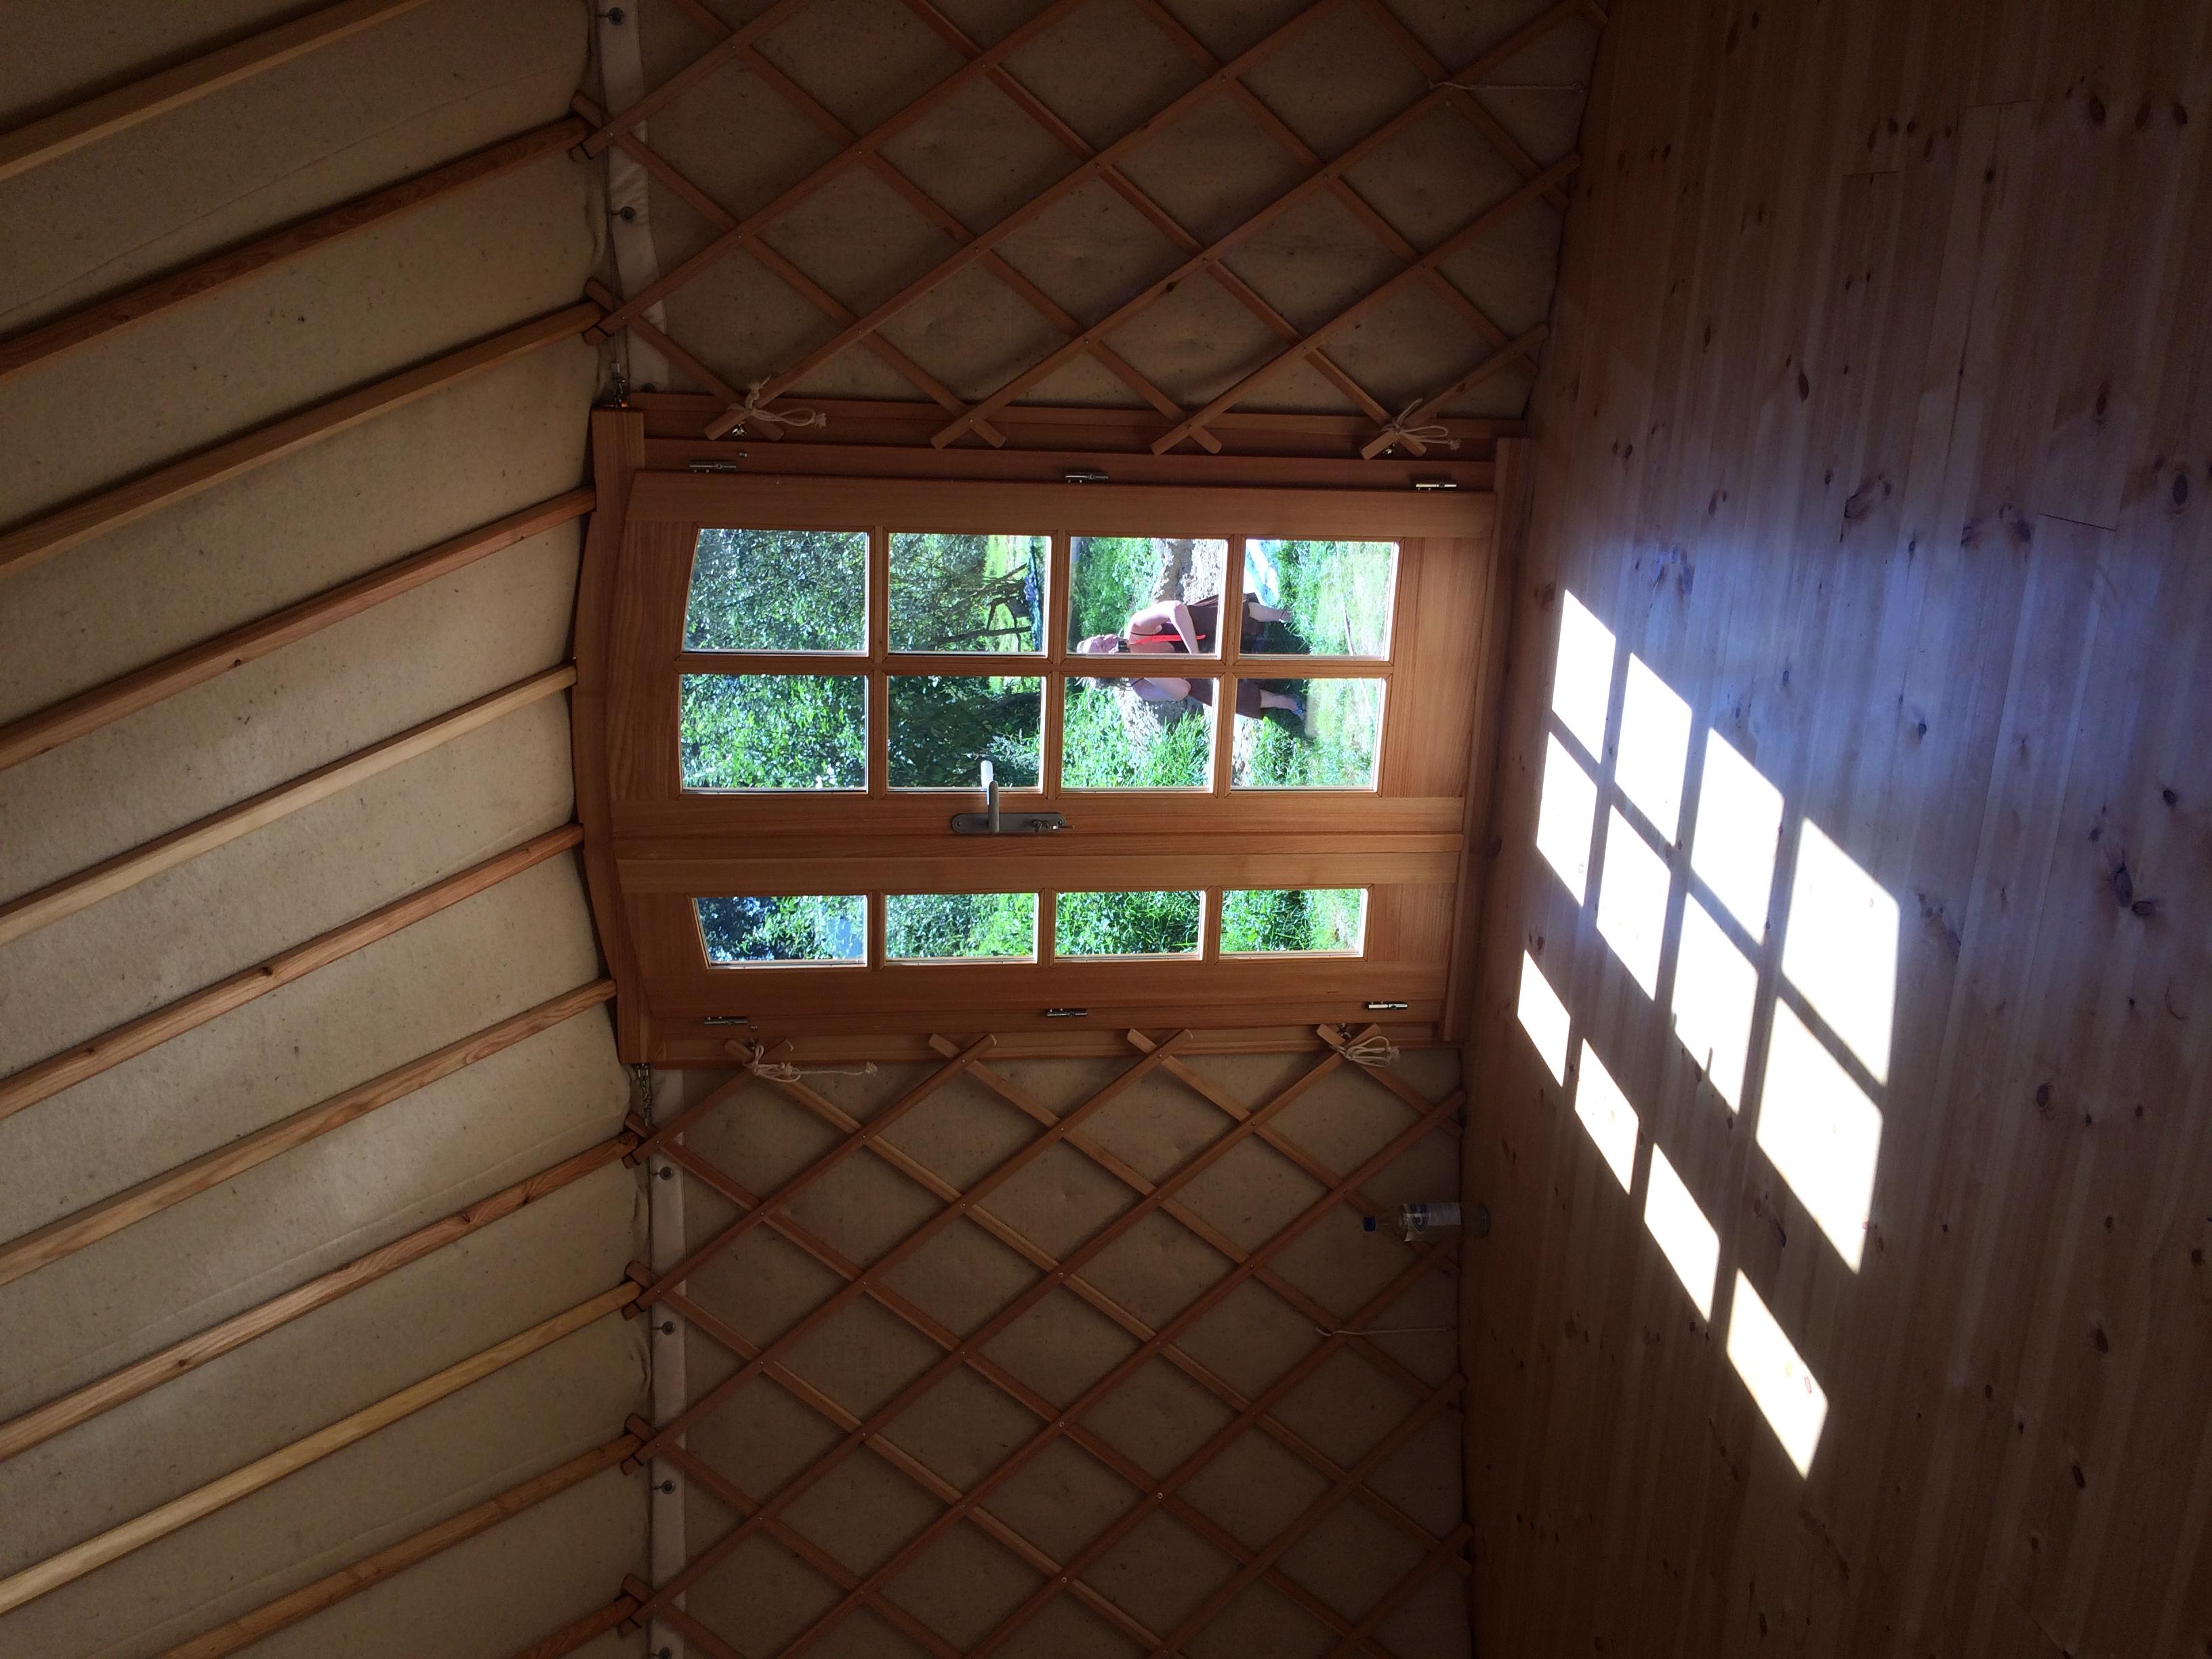 Obloukové dveře 13cm, výška 180cm